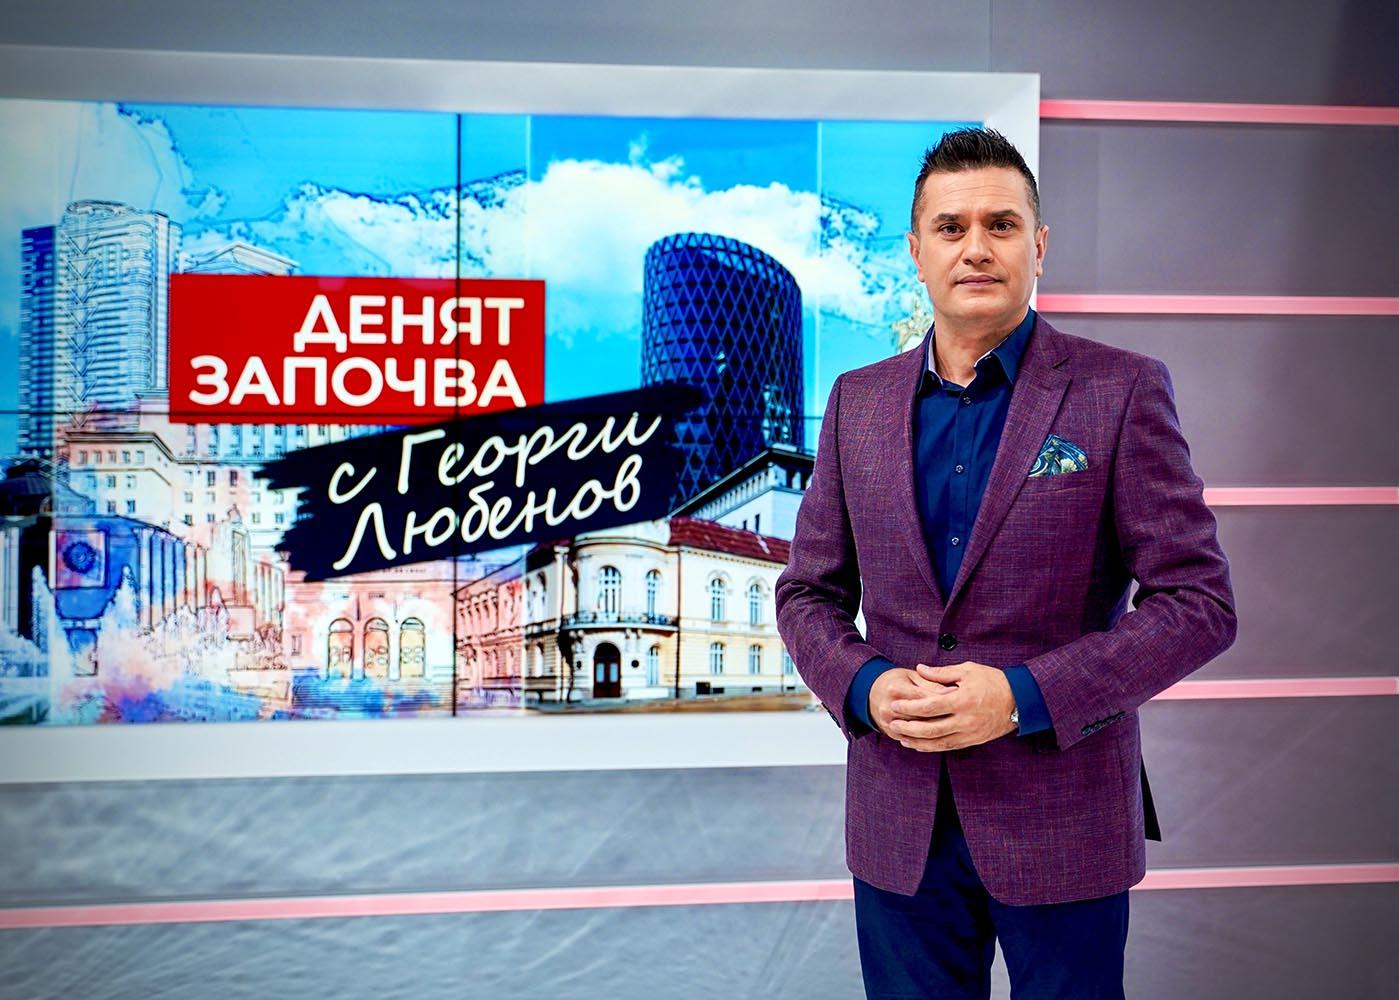 500 пъти Георги Любенов в неделя по БНТ 141